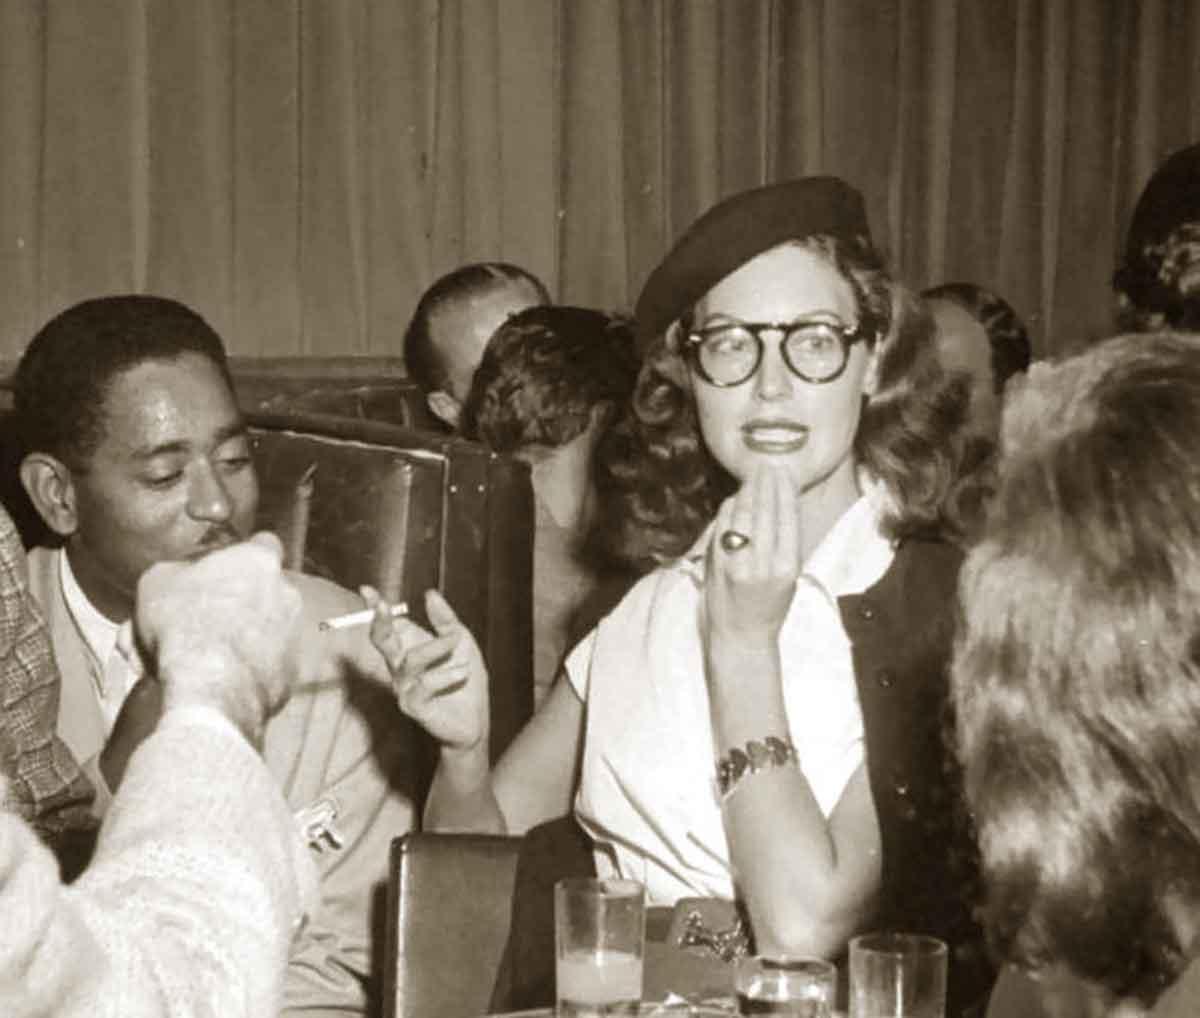 1940s Girls who wear glasses - Ava Gardner